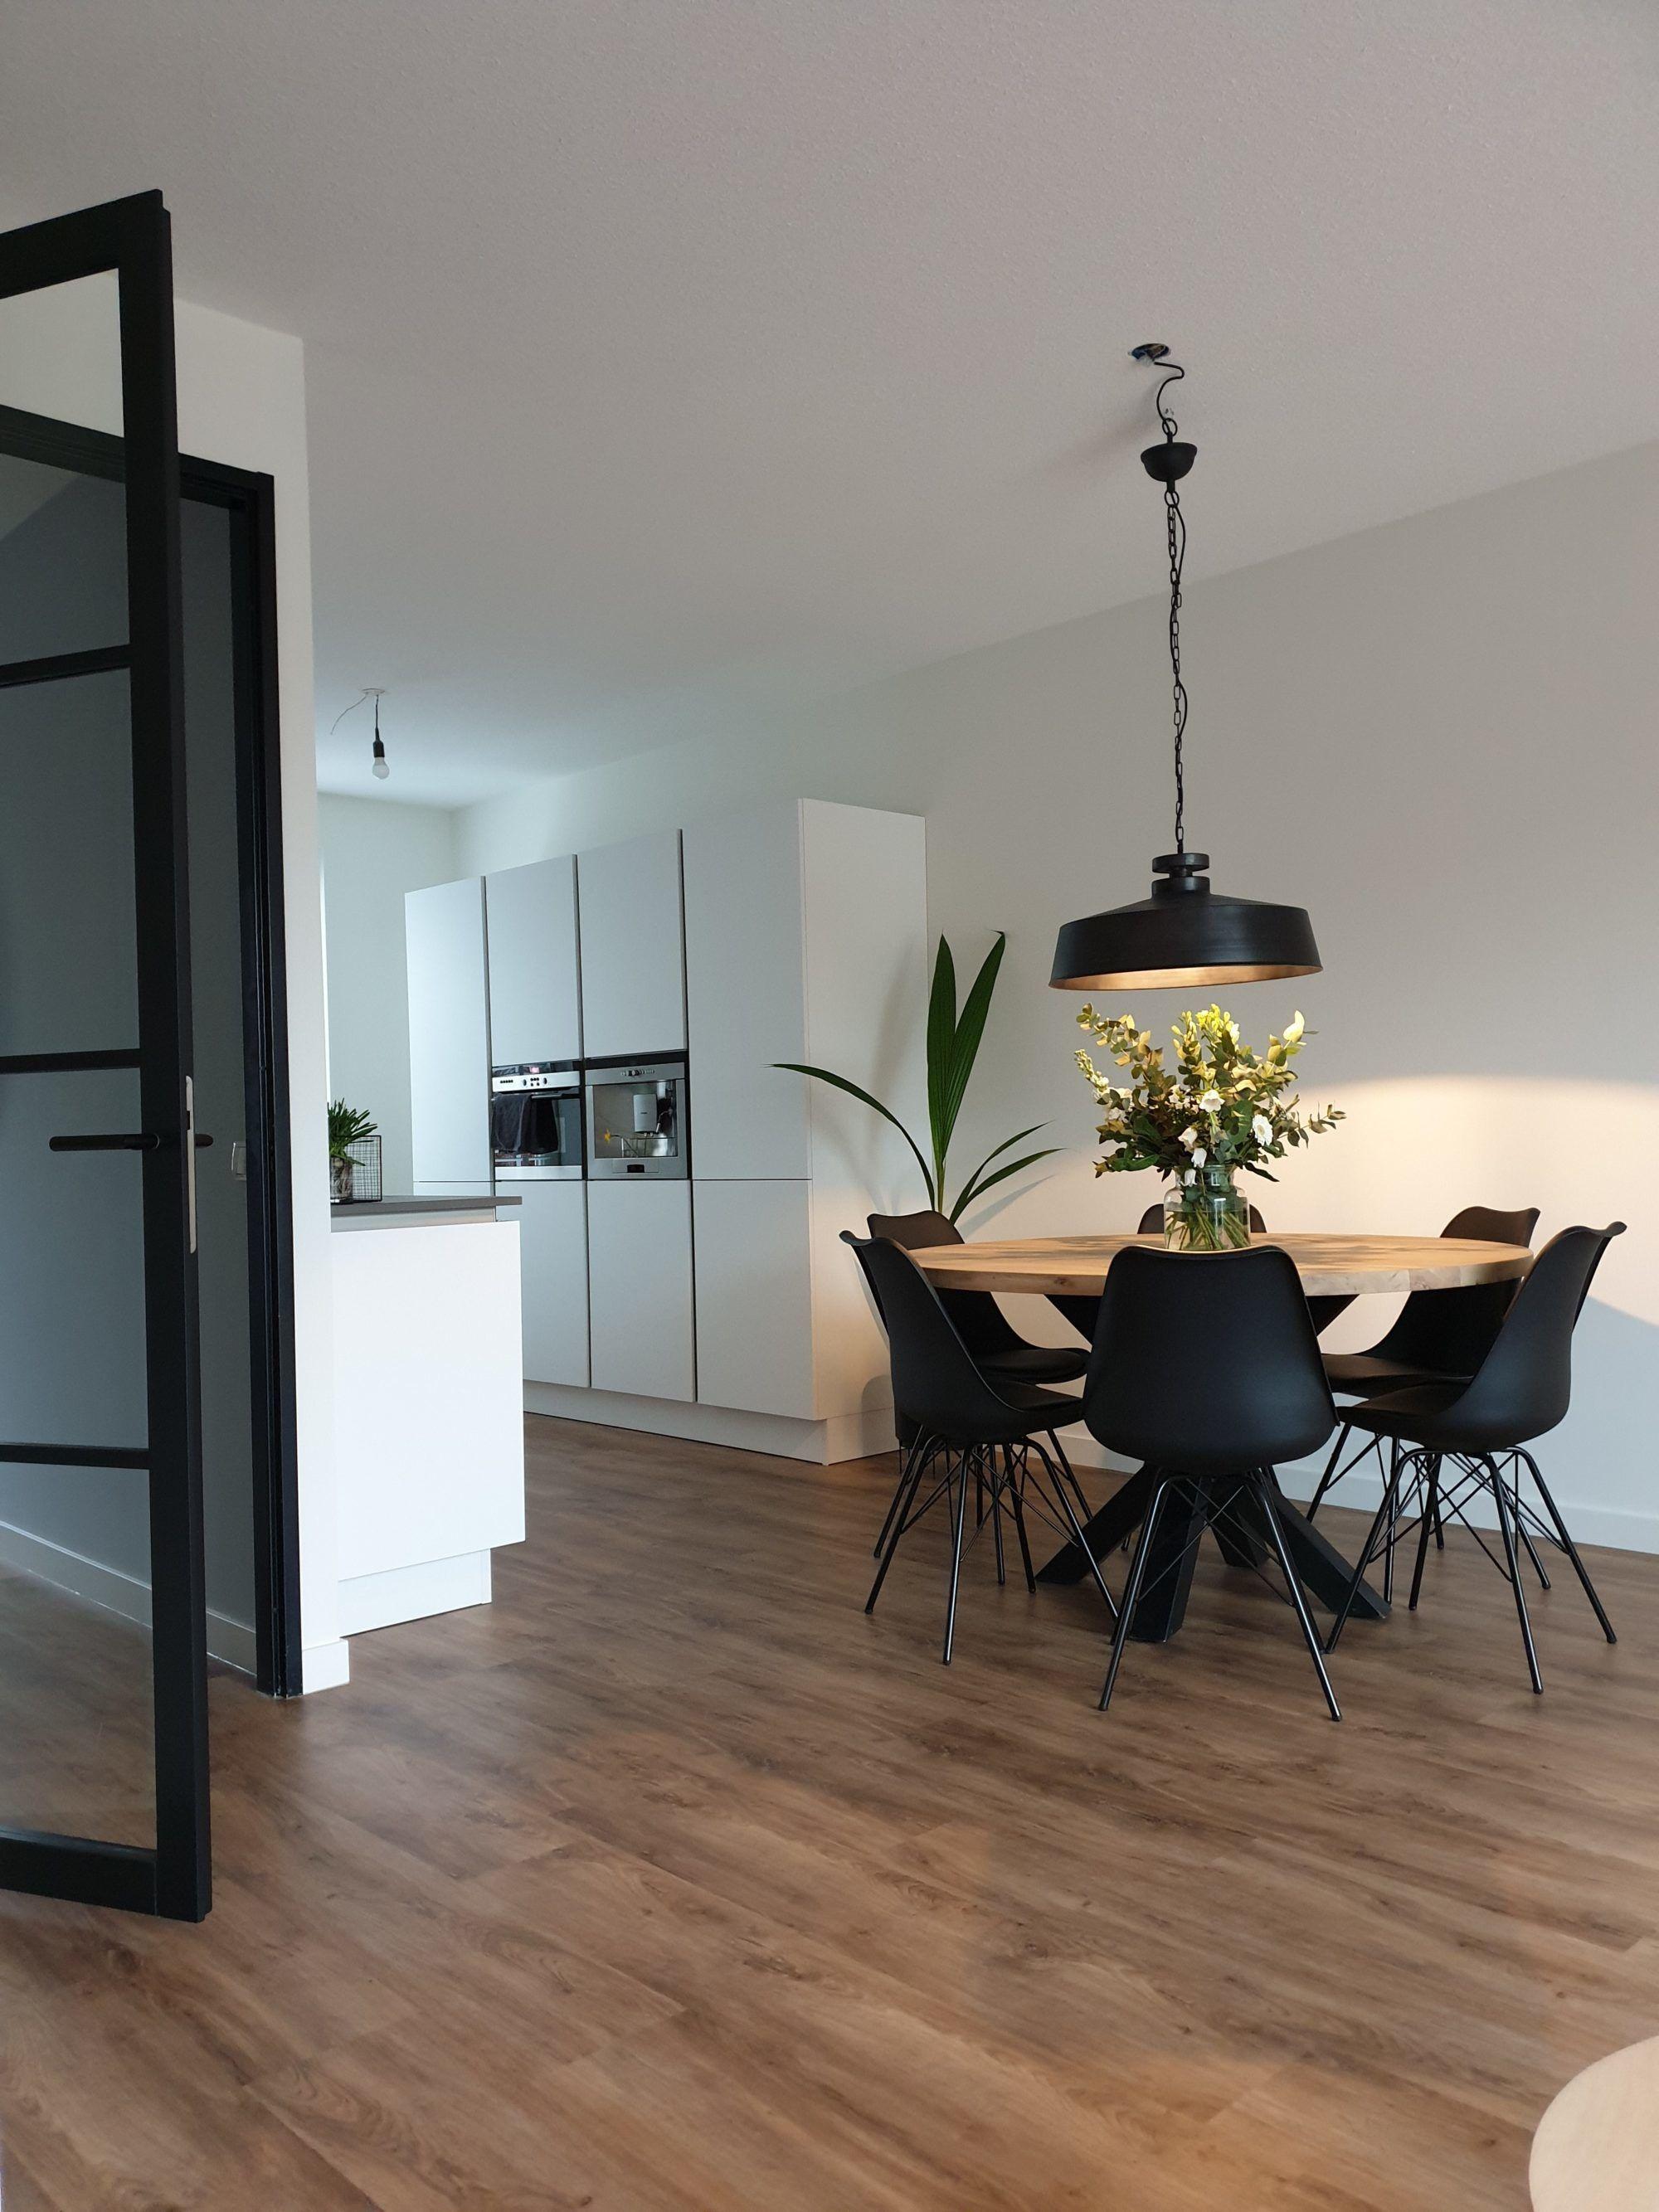 Hollemans Homesteel - Maatwerk eiken eettafels met